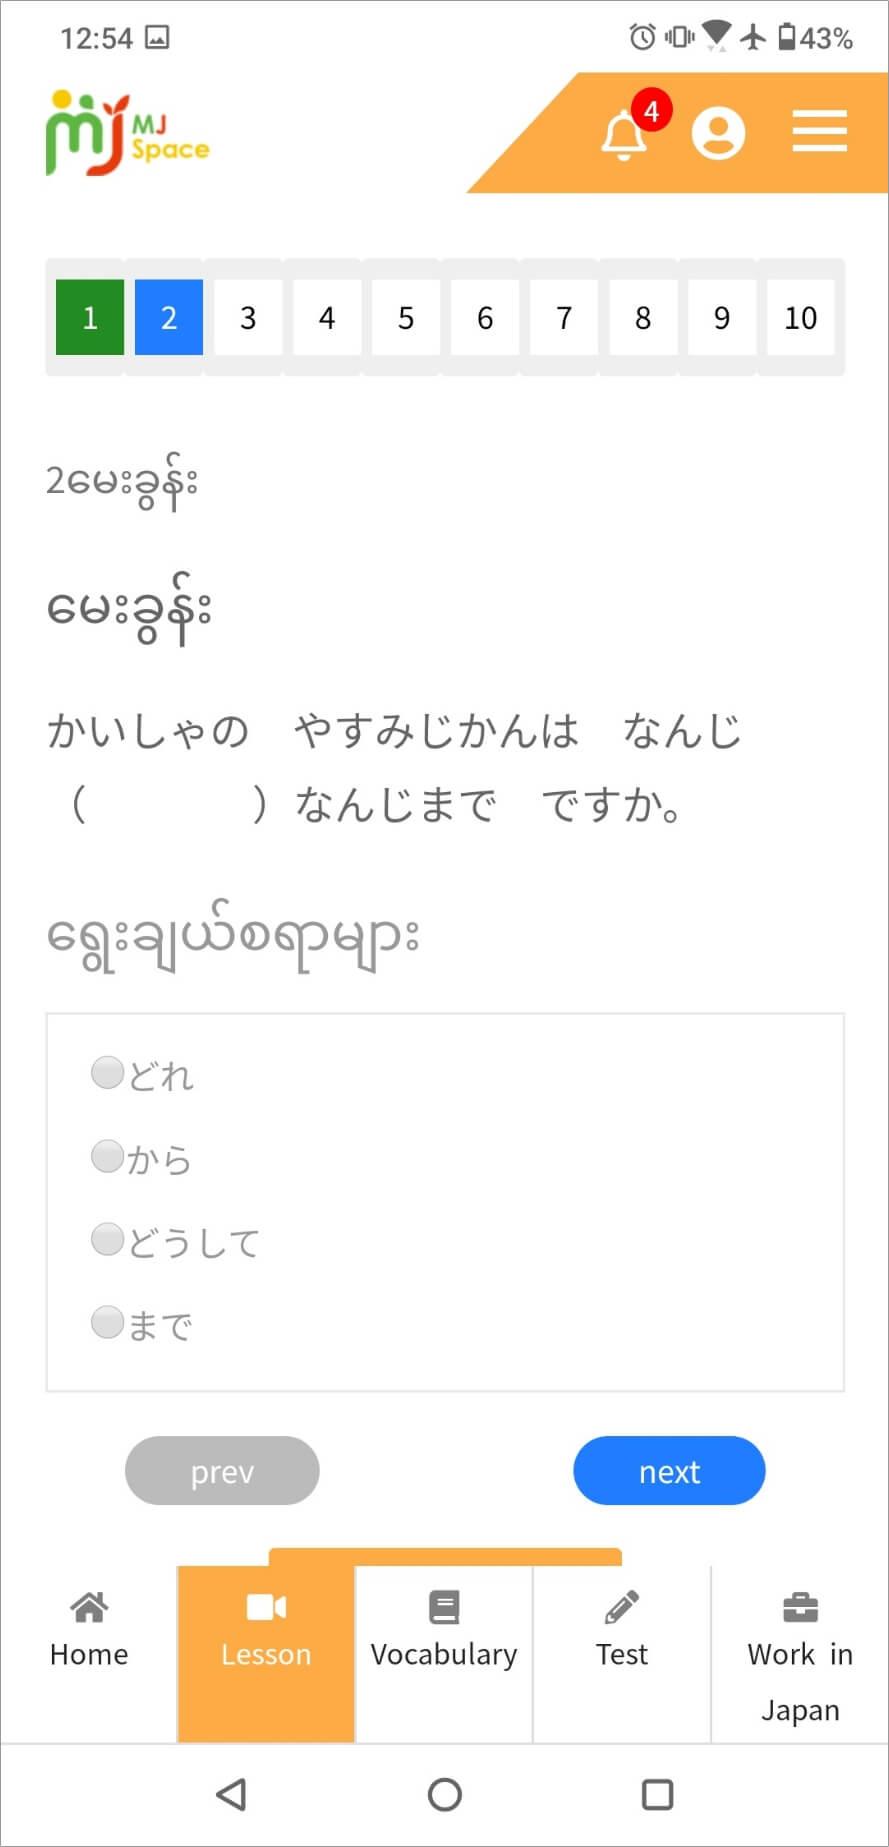 mjs_sample③日本語講義動画の確認テ…